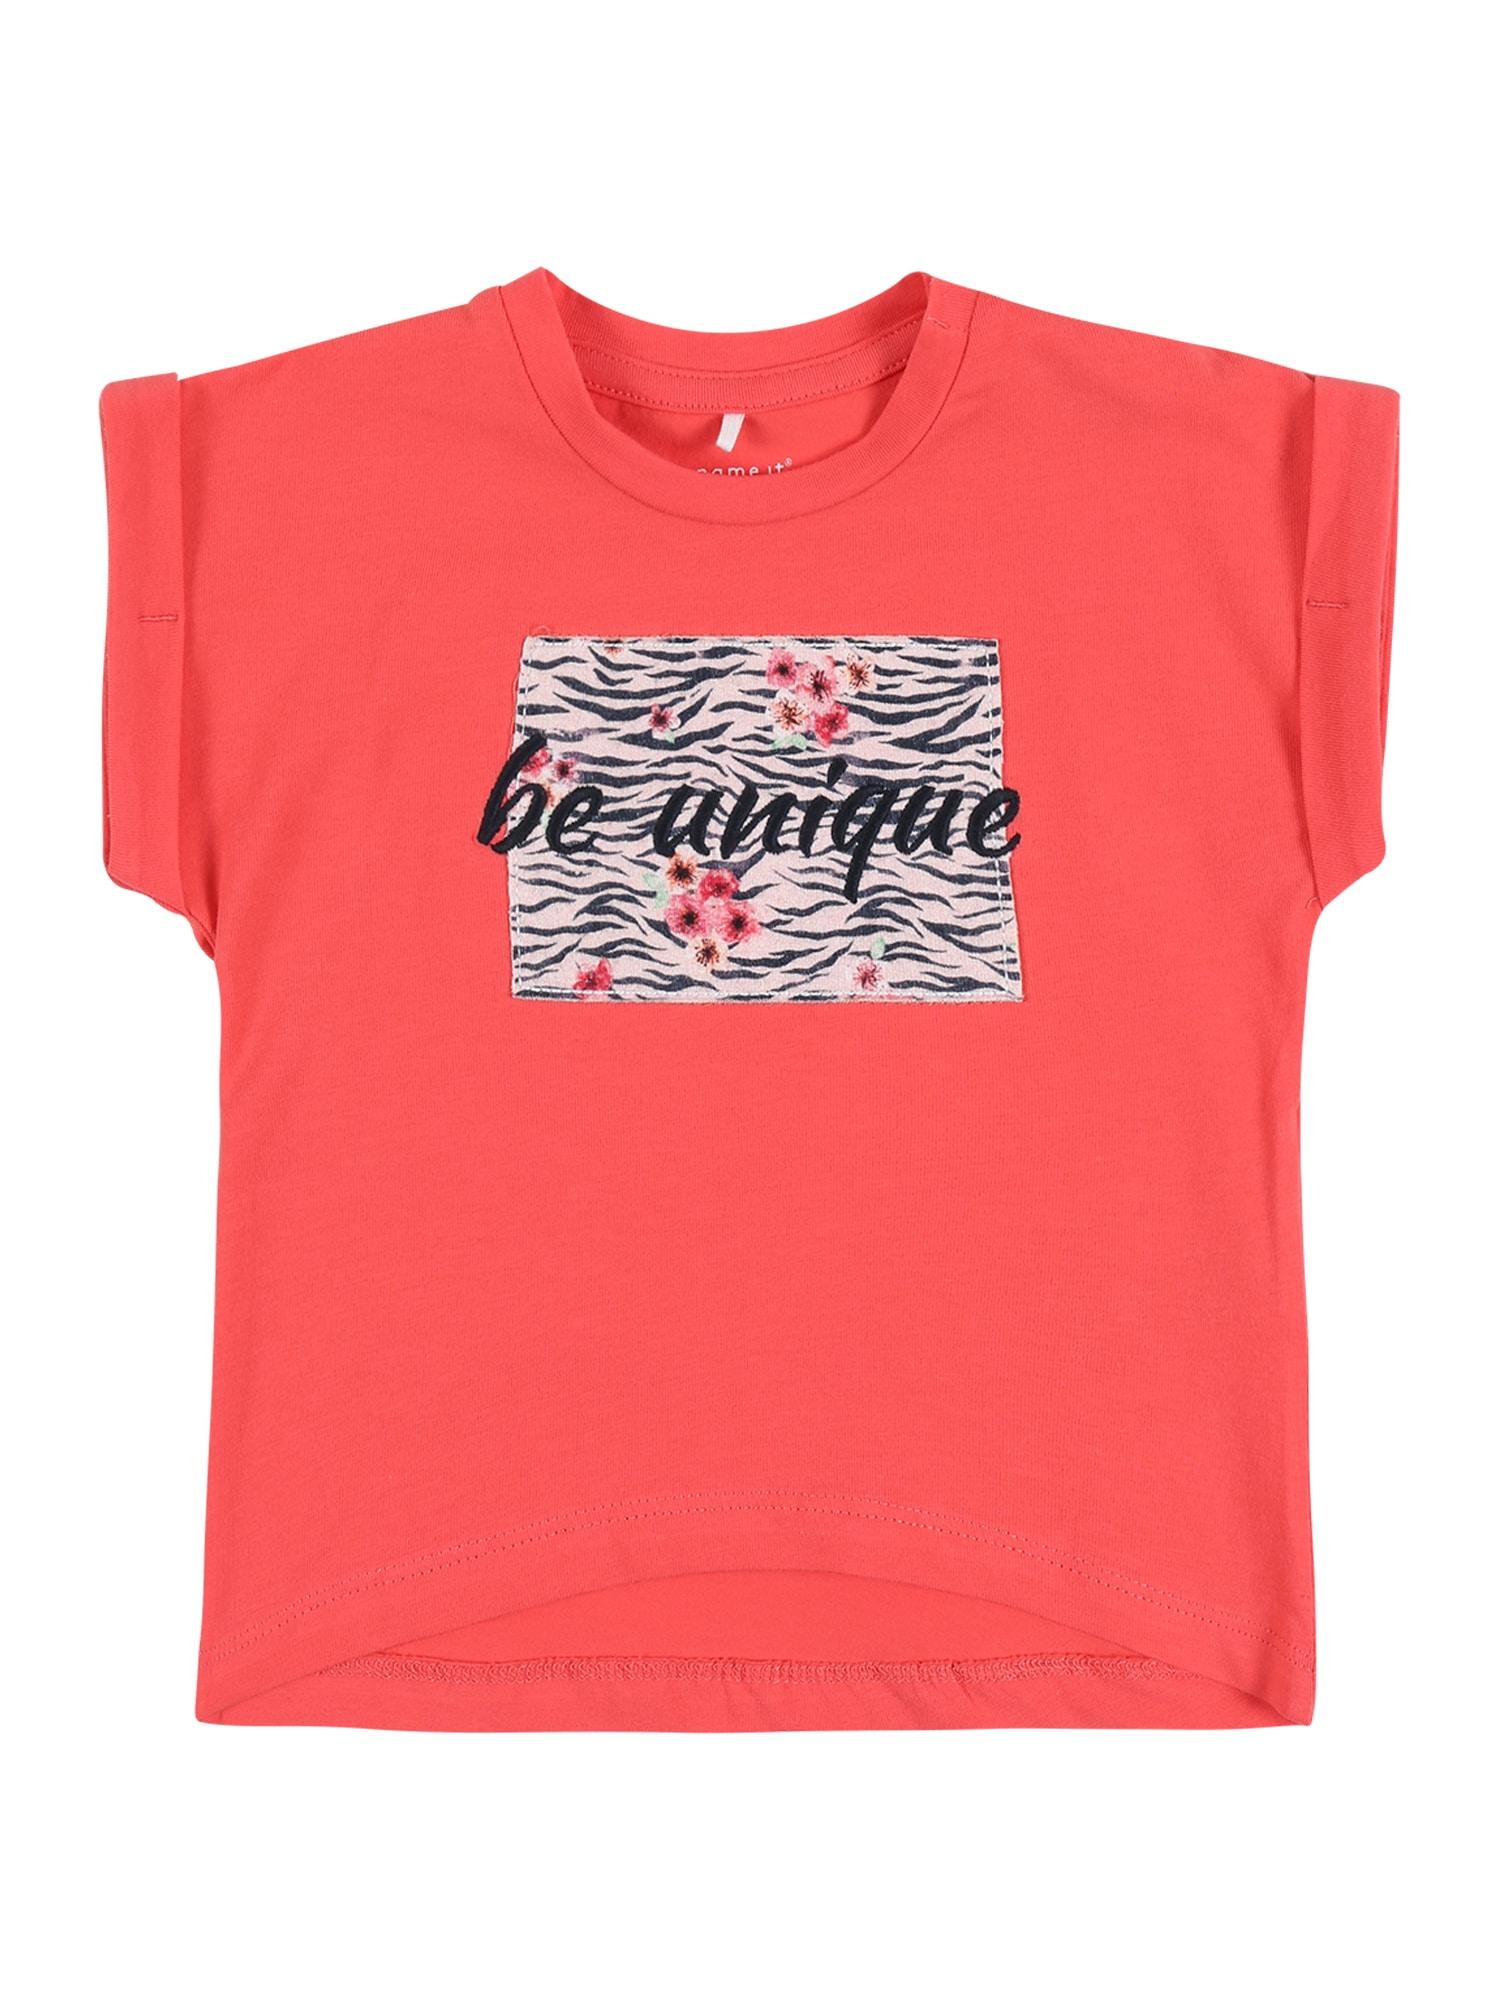 NAME IT Marškinėliai 'NBFJALIN' koralų splava / juoda / rožių spalva